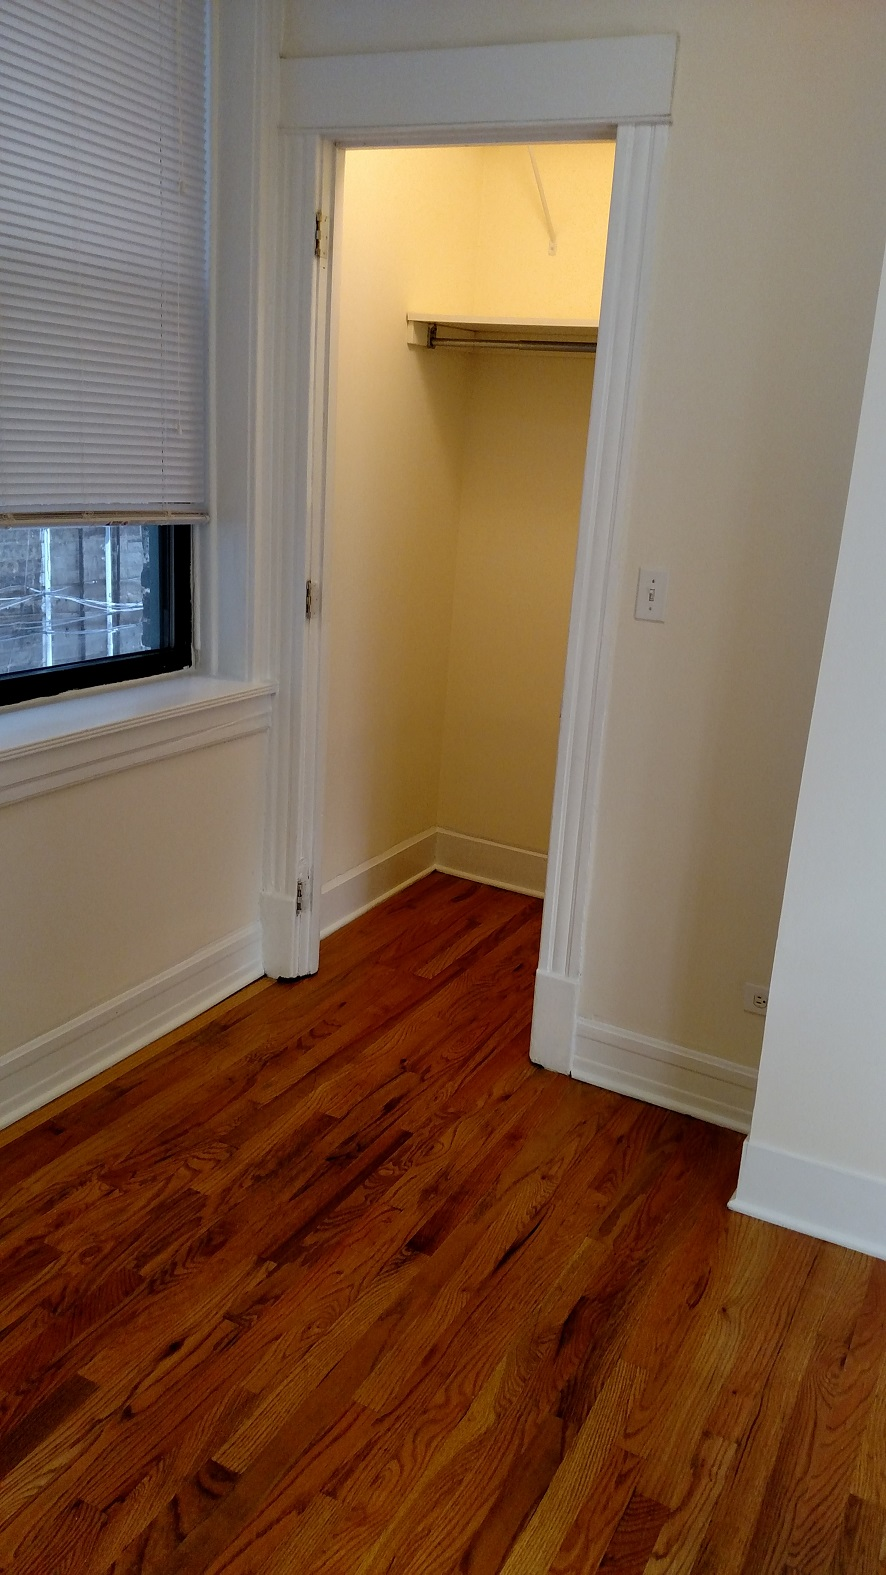 #1R bedroom or office - B.jpg